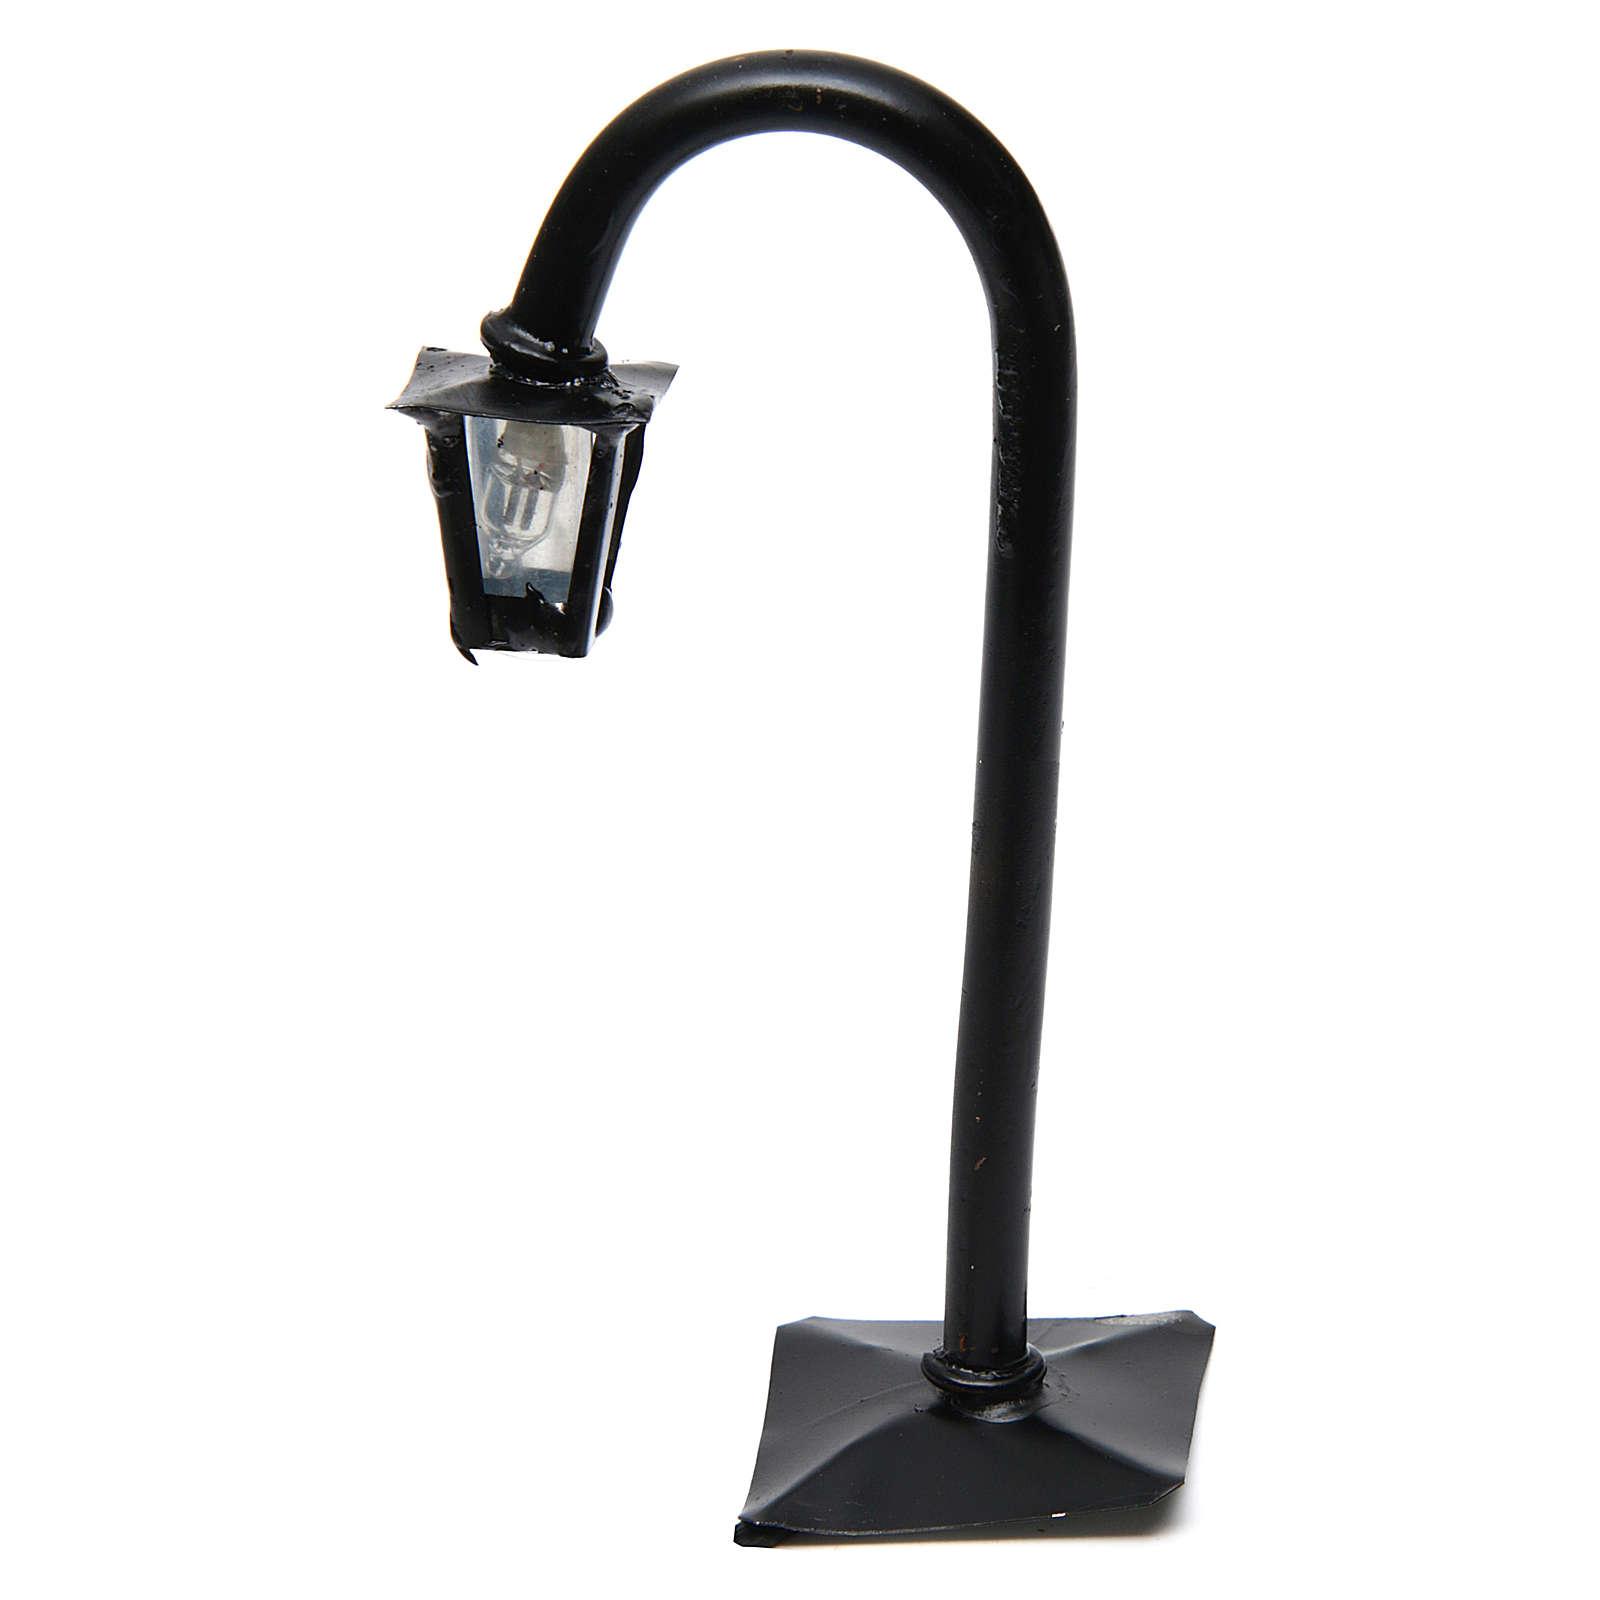 Réverbère de rue courbé avec lanterne h réelle 11 cm - 12V 4